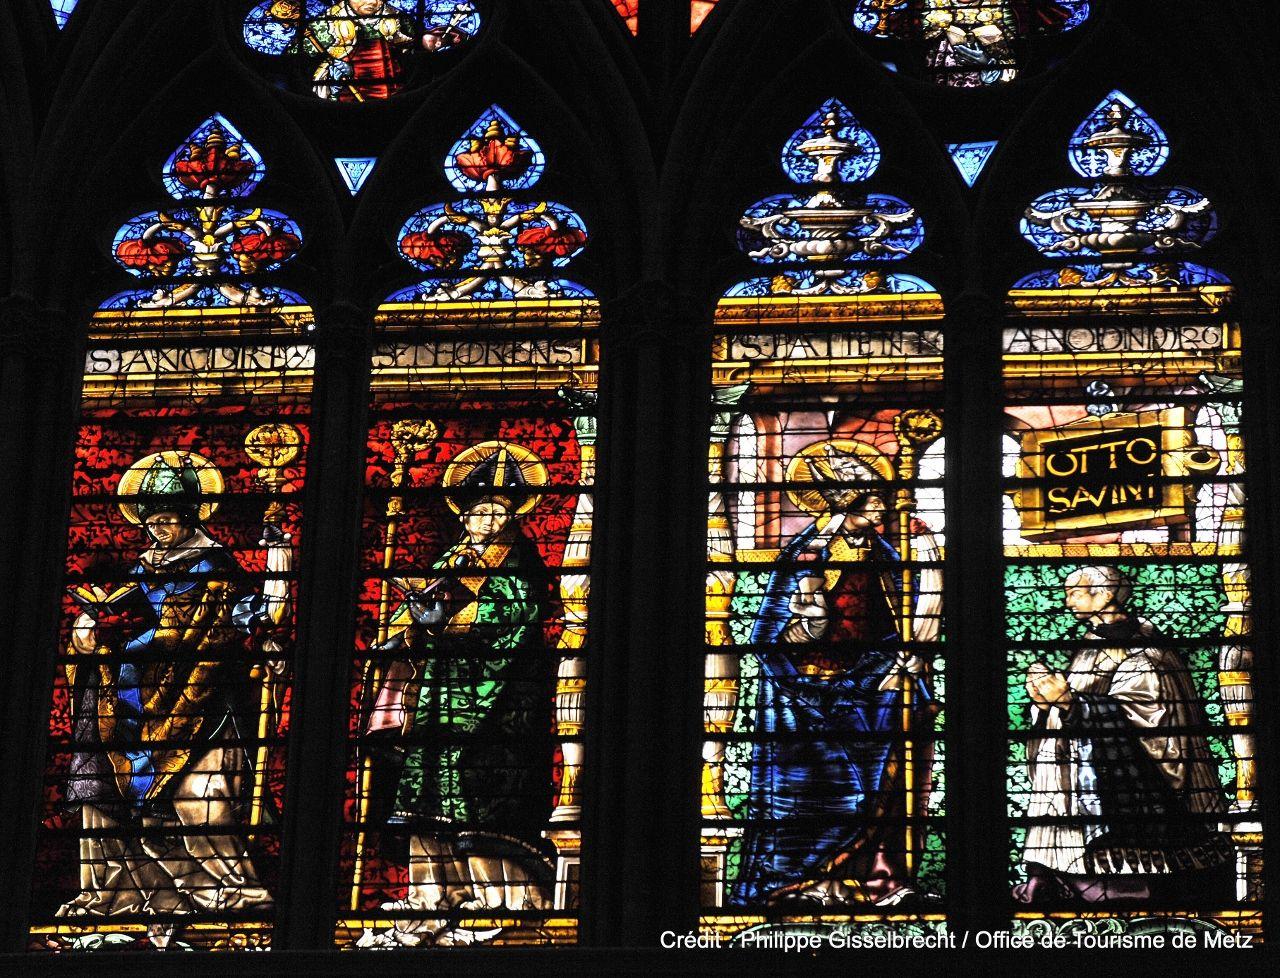 Vitraux Metz vitraux de la cathedrale saint etienne - lorraine tourisme